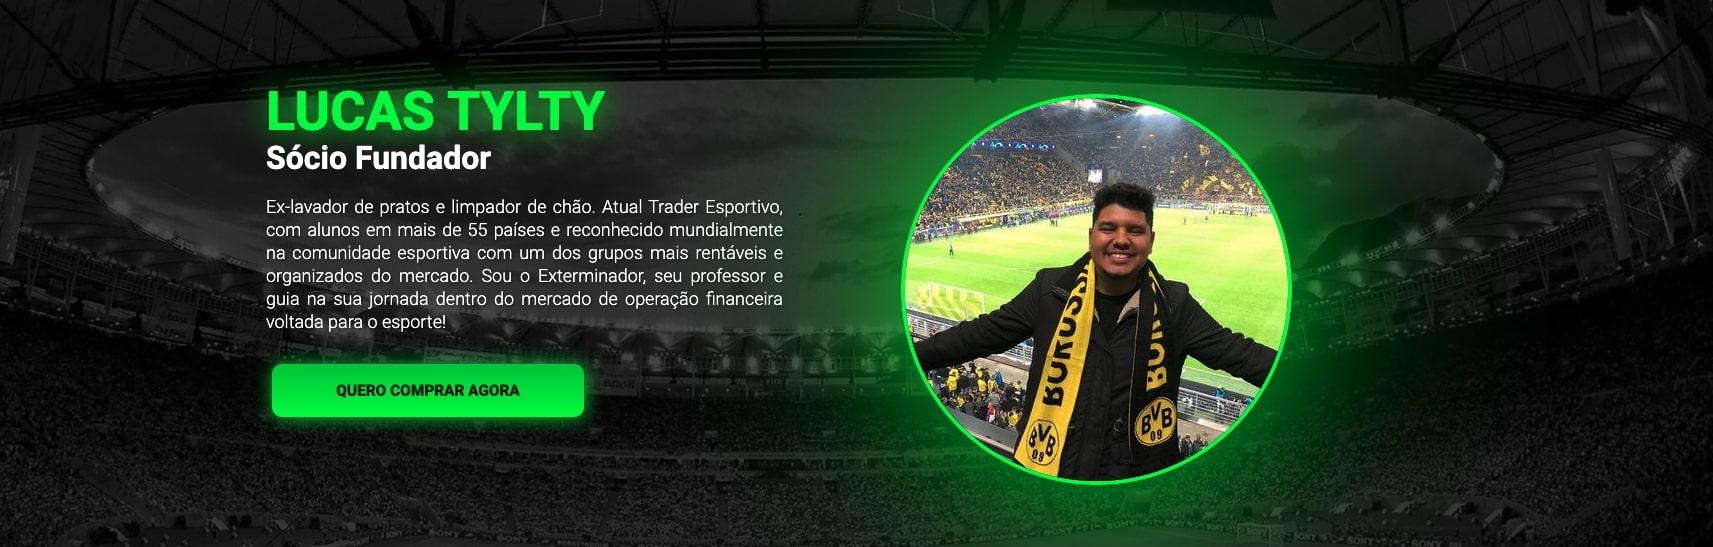 Futebol Trade com Lucas Tylty: o perfil do trader – comunidade do curso futebol trade funciona com Lucas Tylty